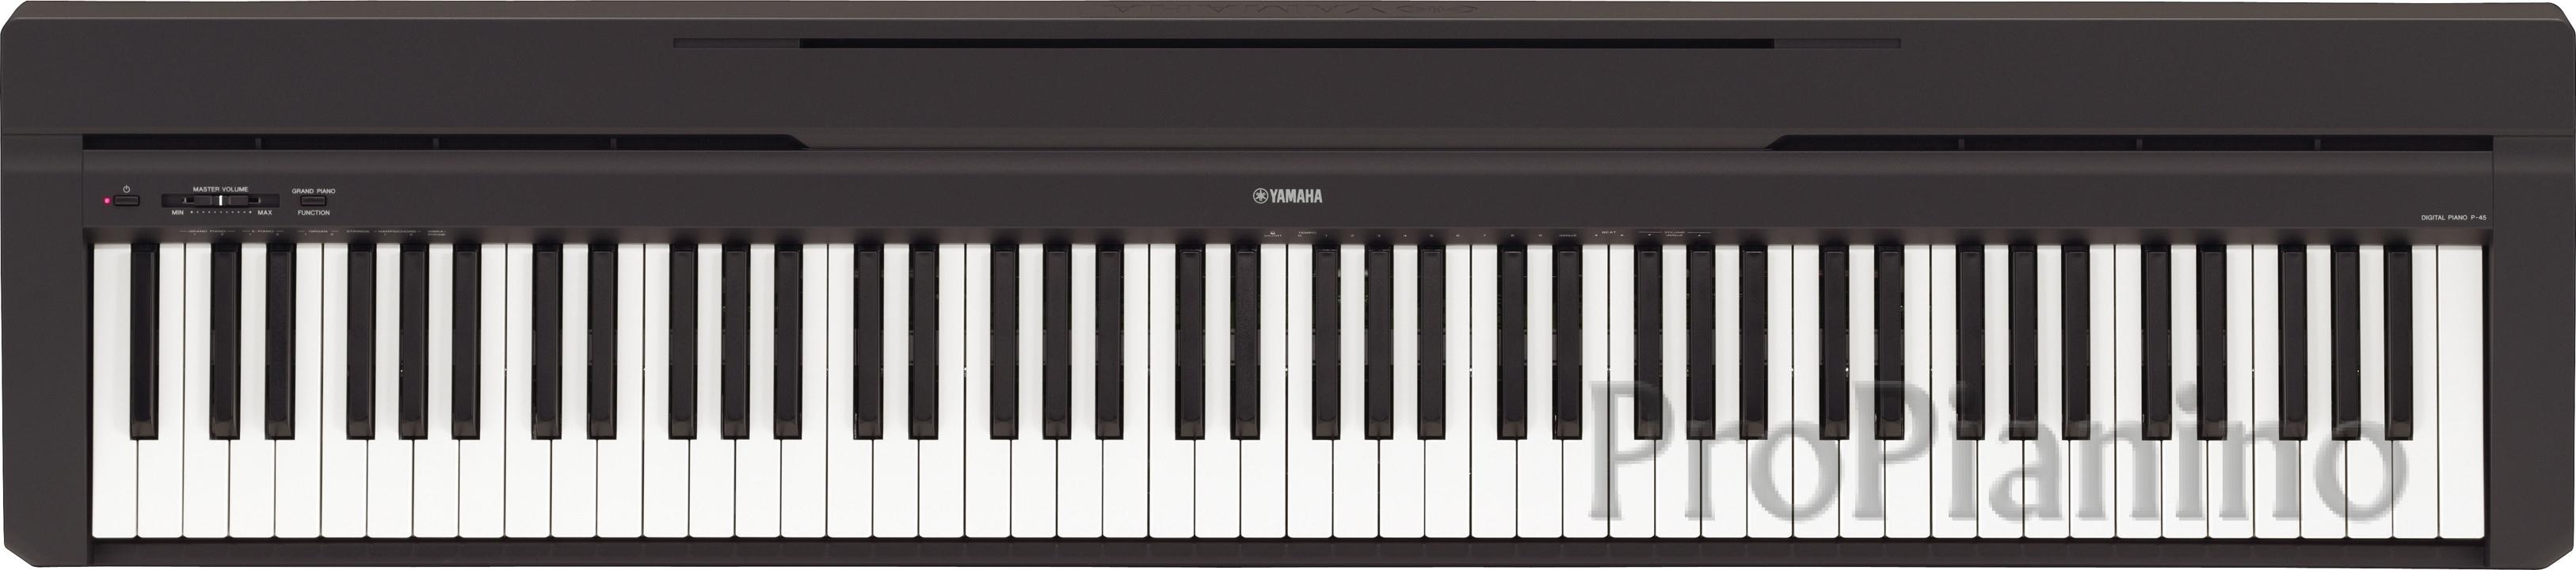 Цифровое пианино Yamaha P-45 по доступной цене